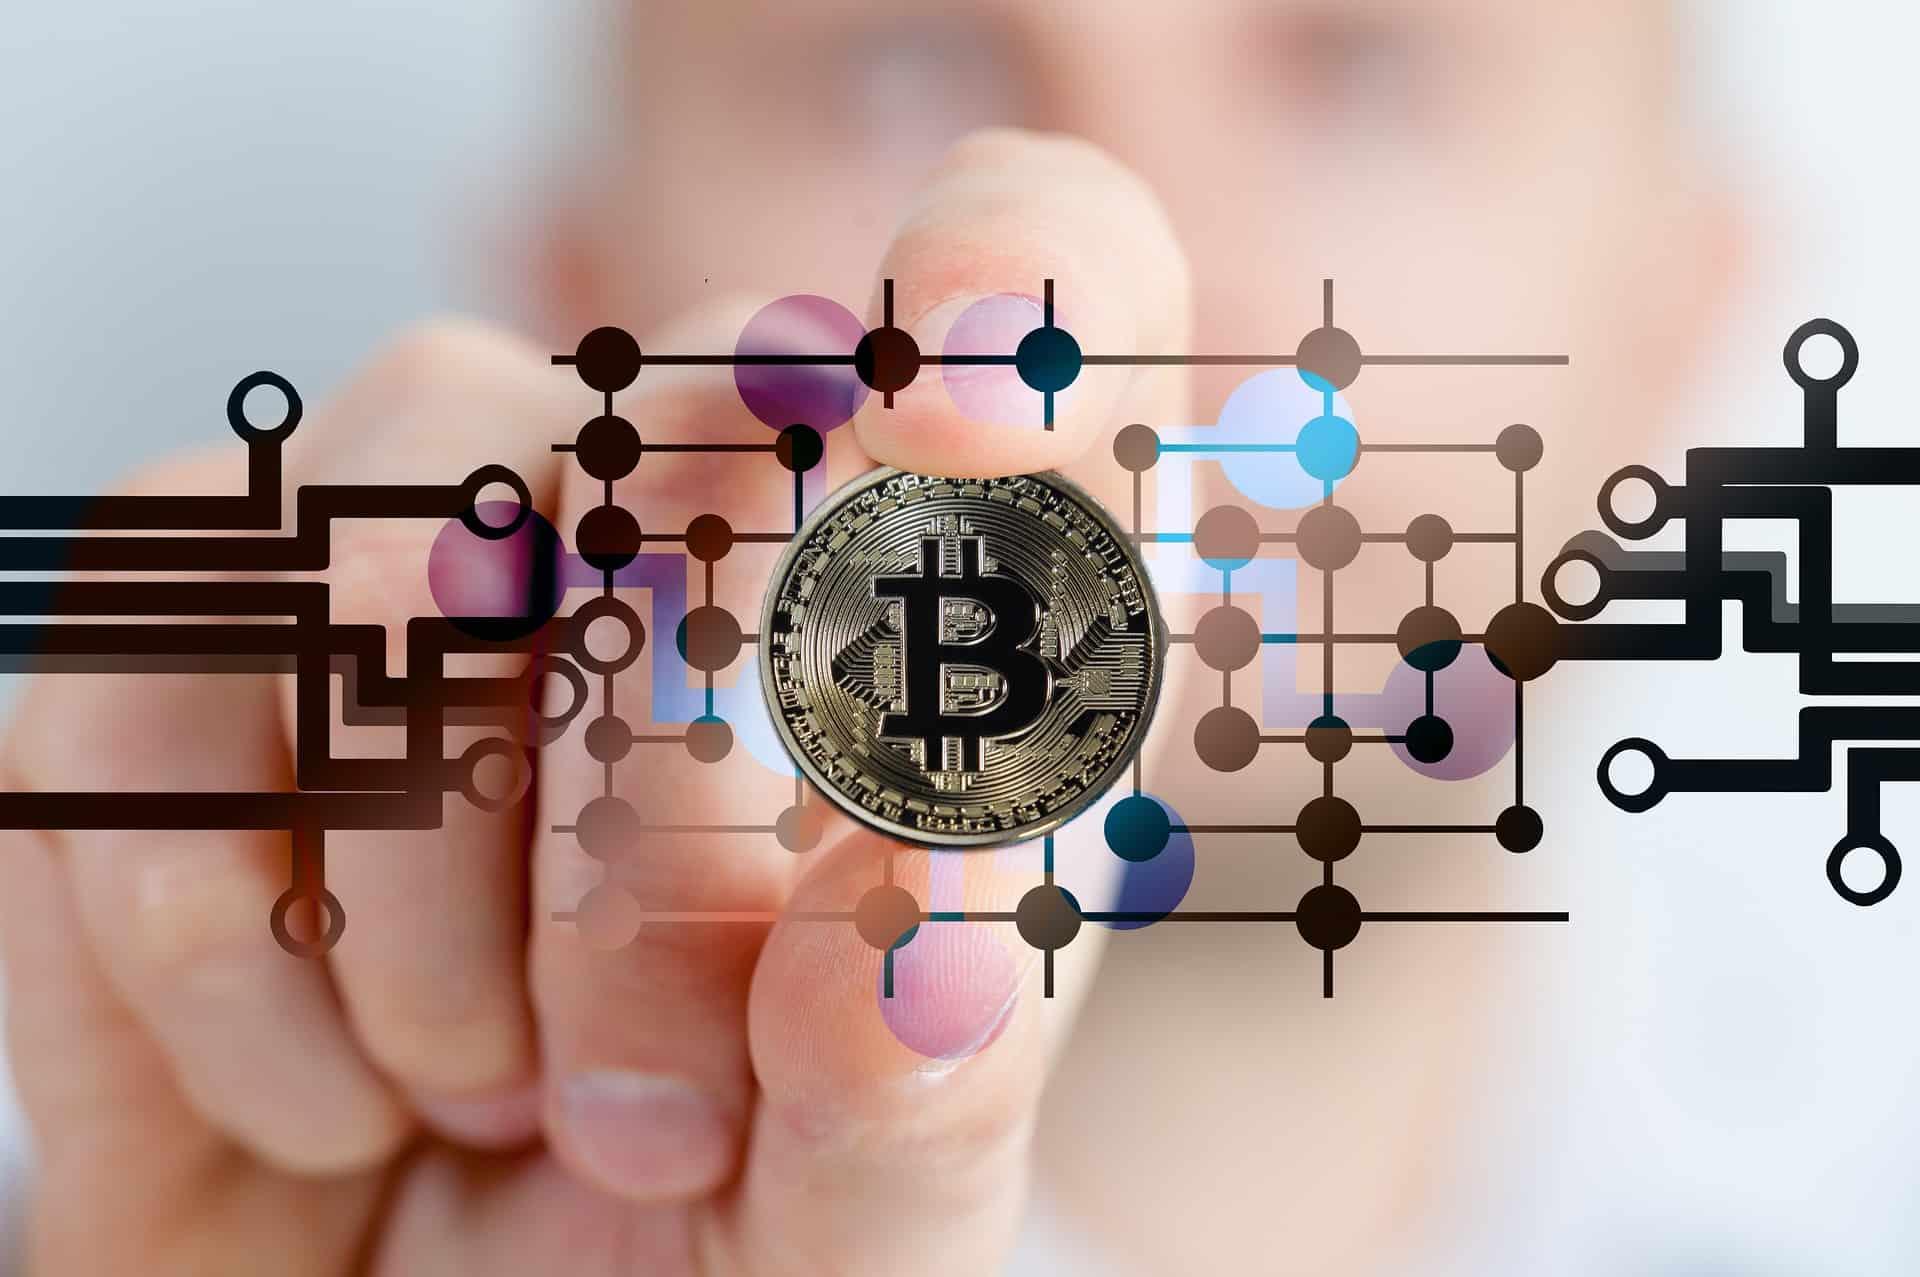 Square's Cash App Received $875 Million in Bitcoin Revenue in Q2